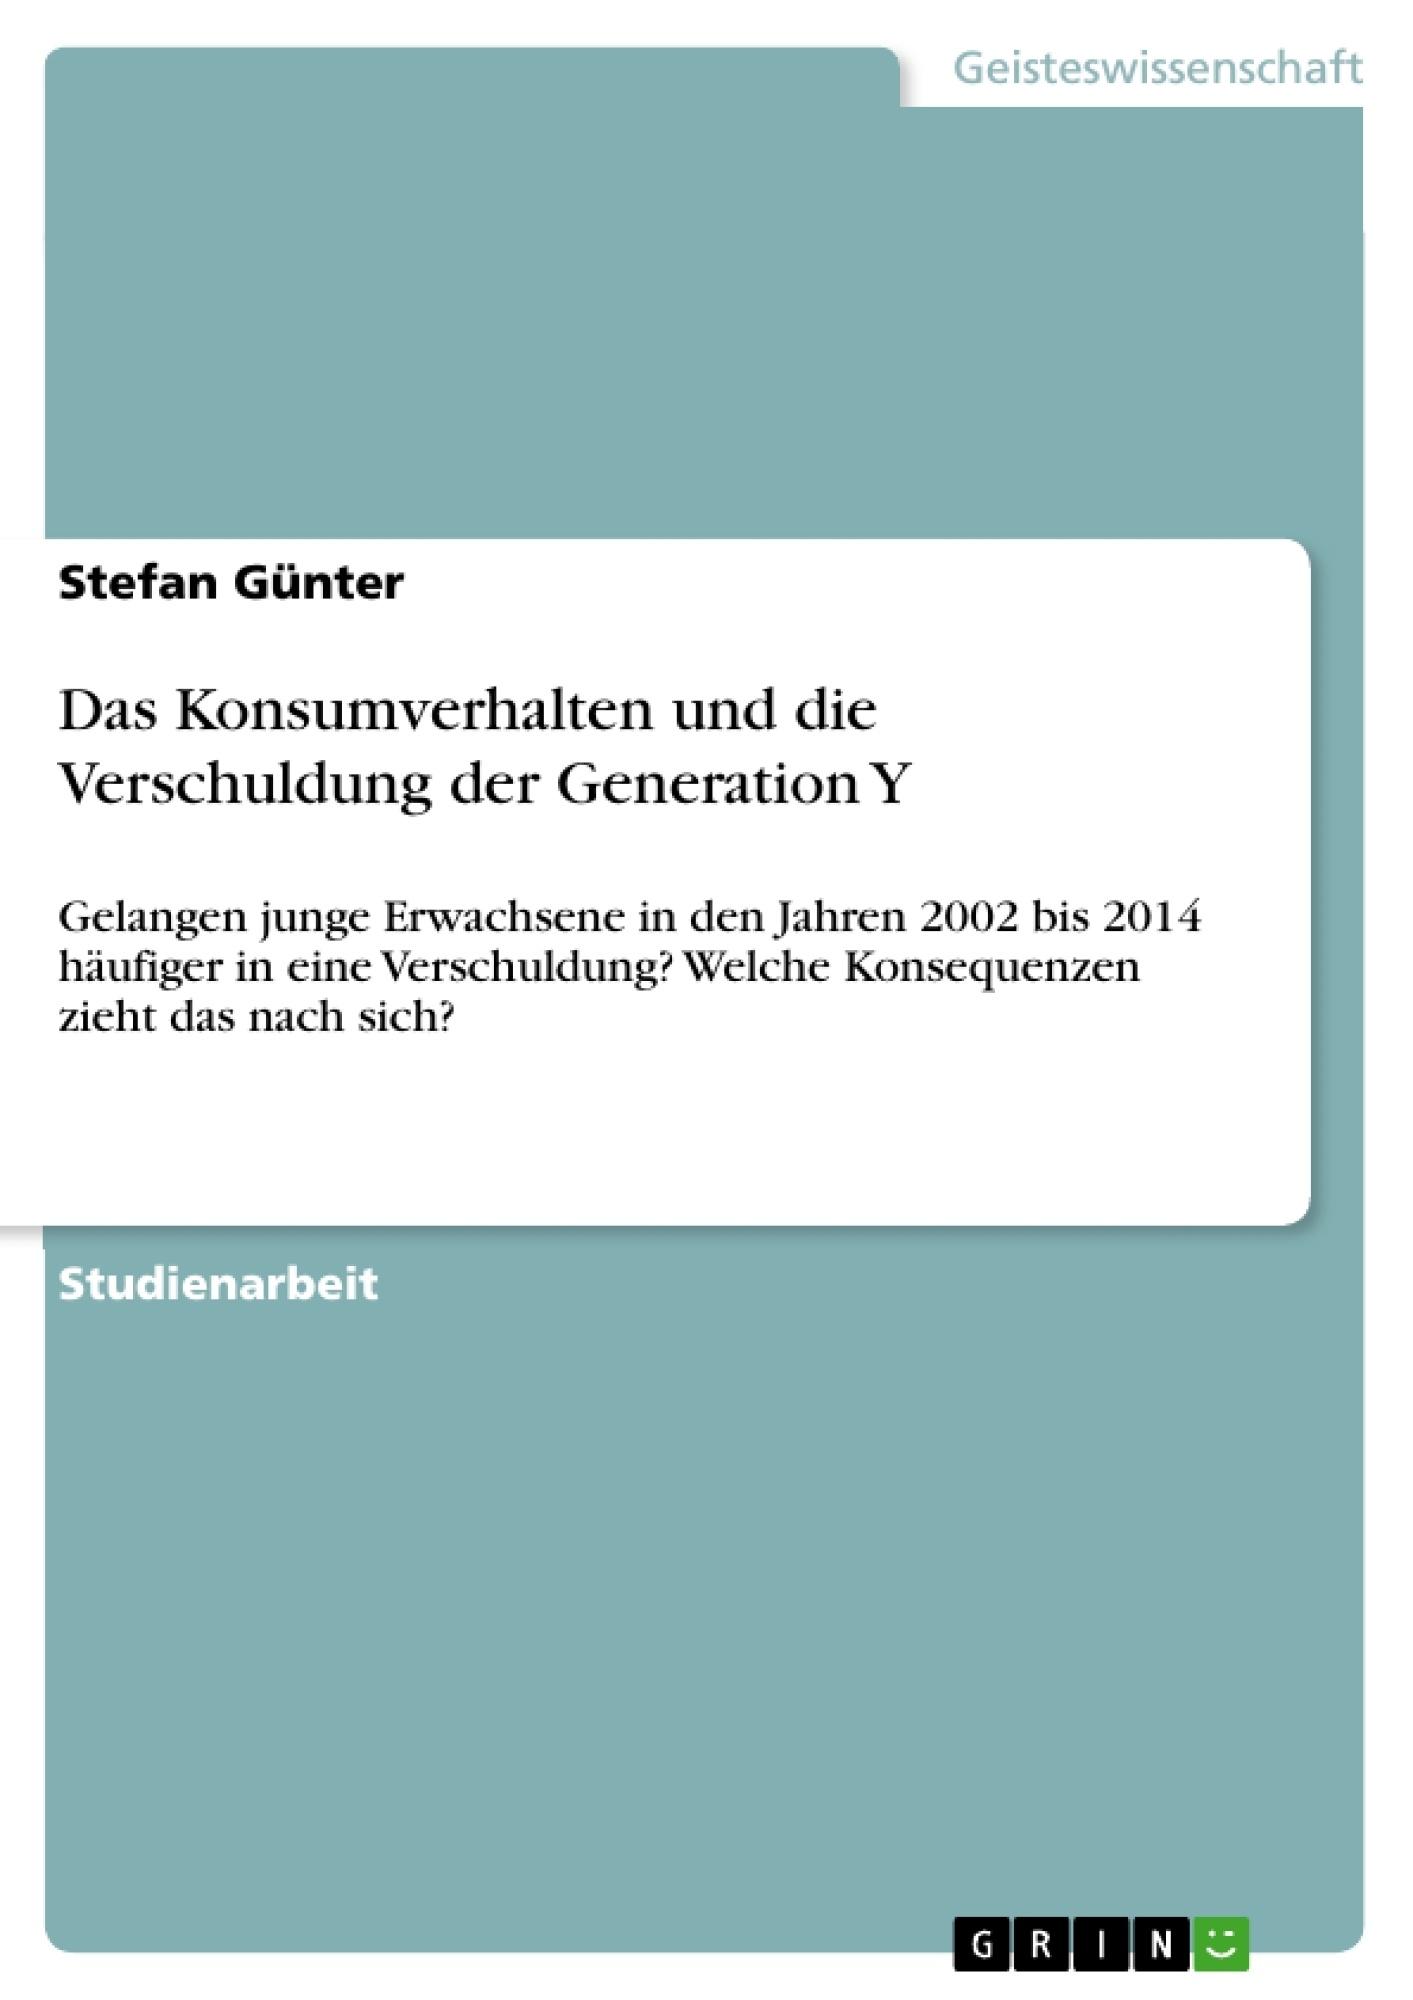 Titel: Das Konsumverhalten und die Verschuldung der Generation Y